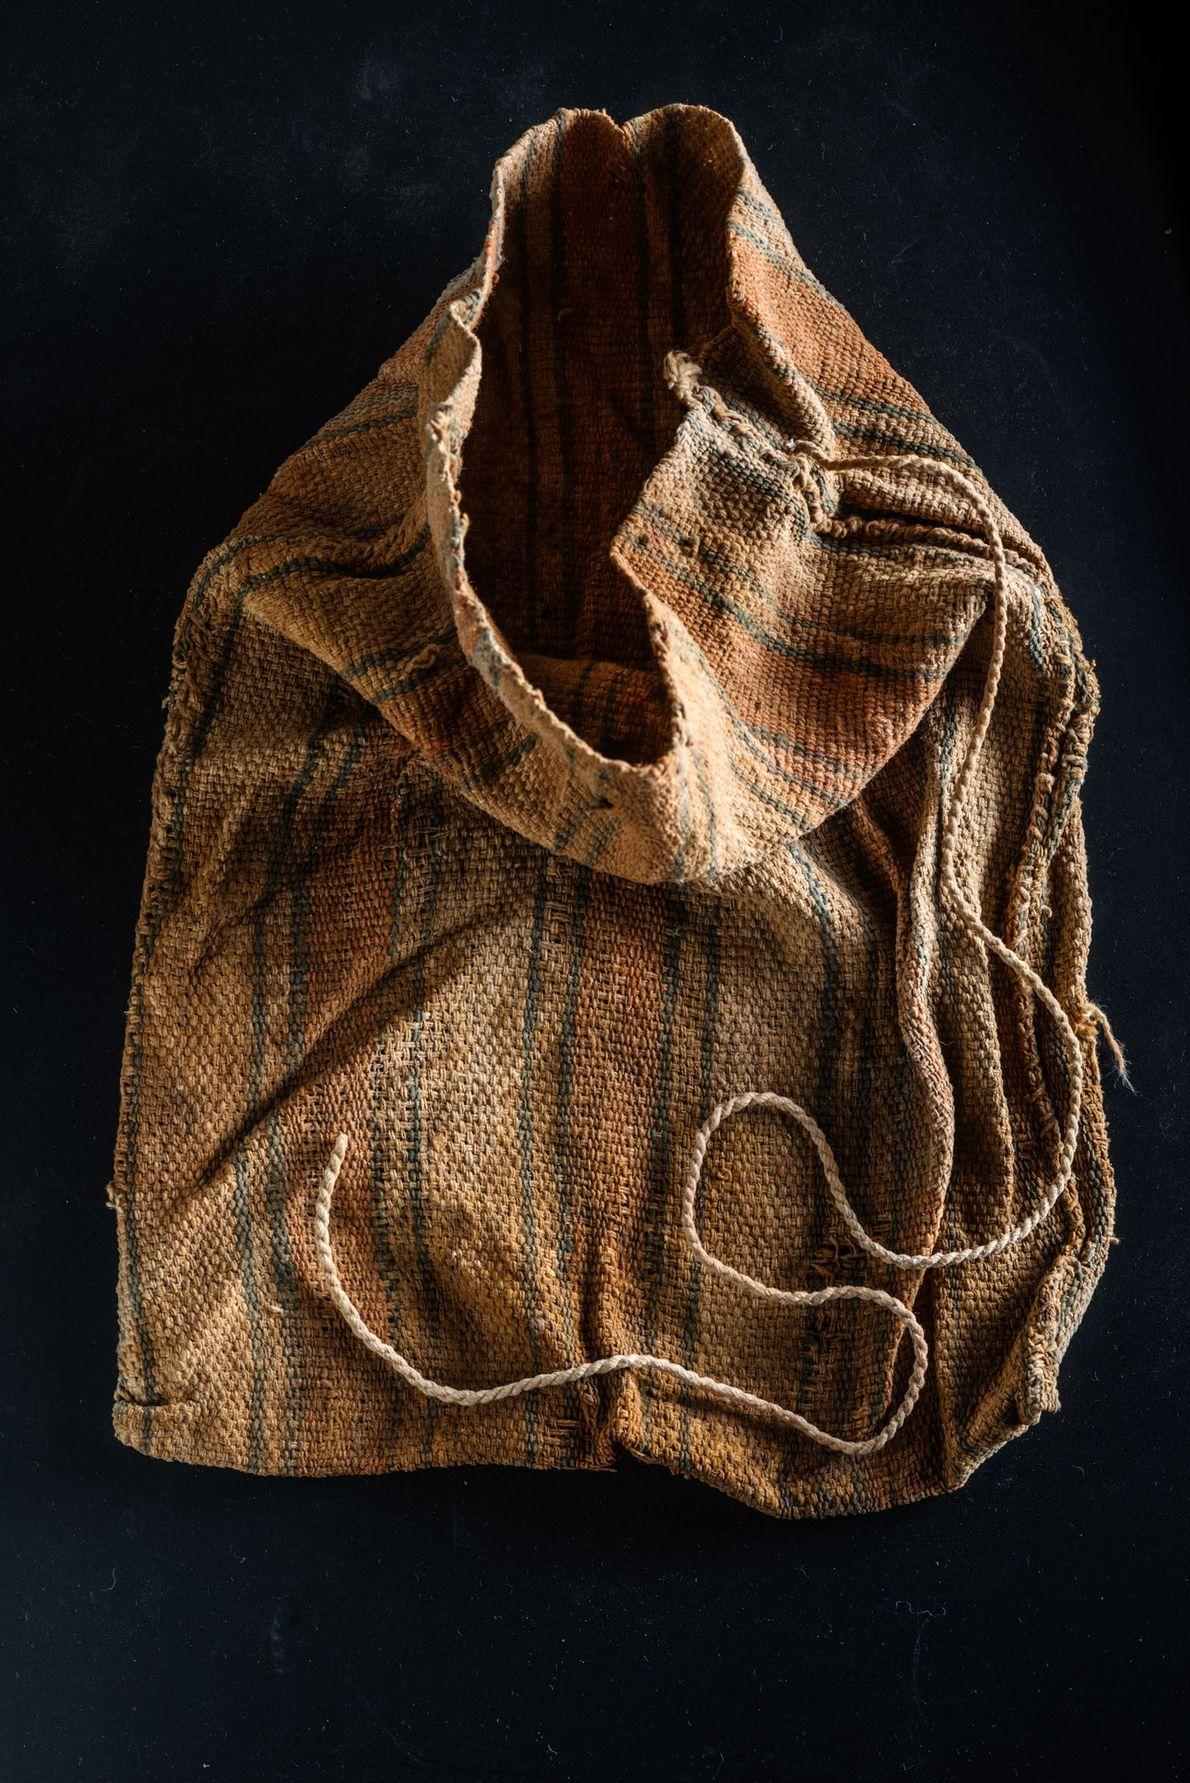 tecido encontrado em túmulo peruano